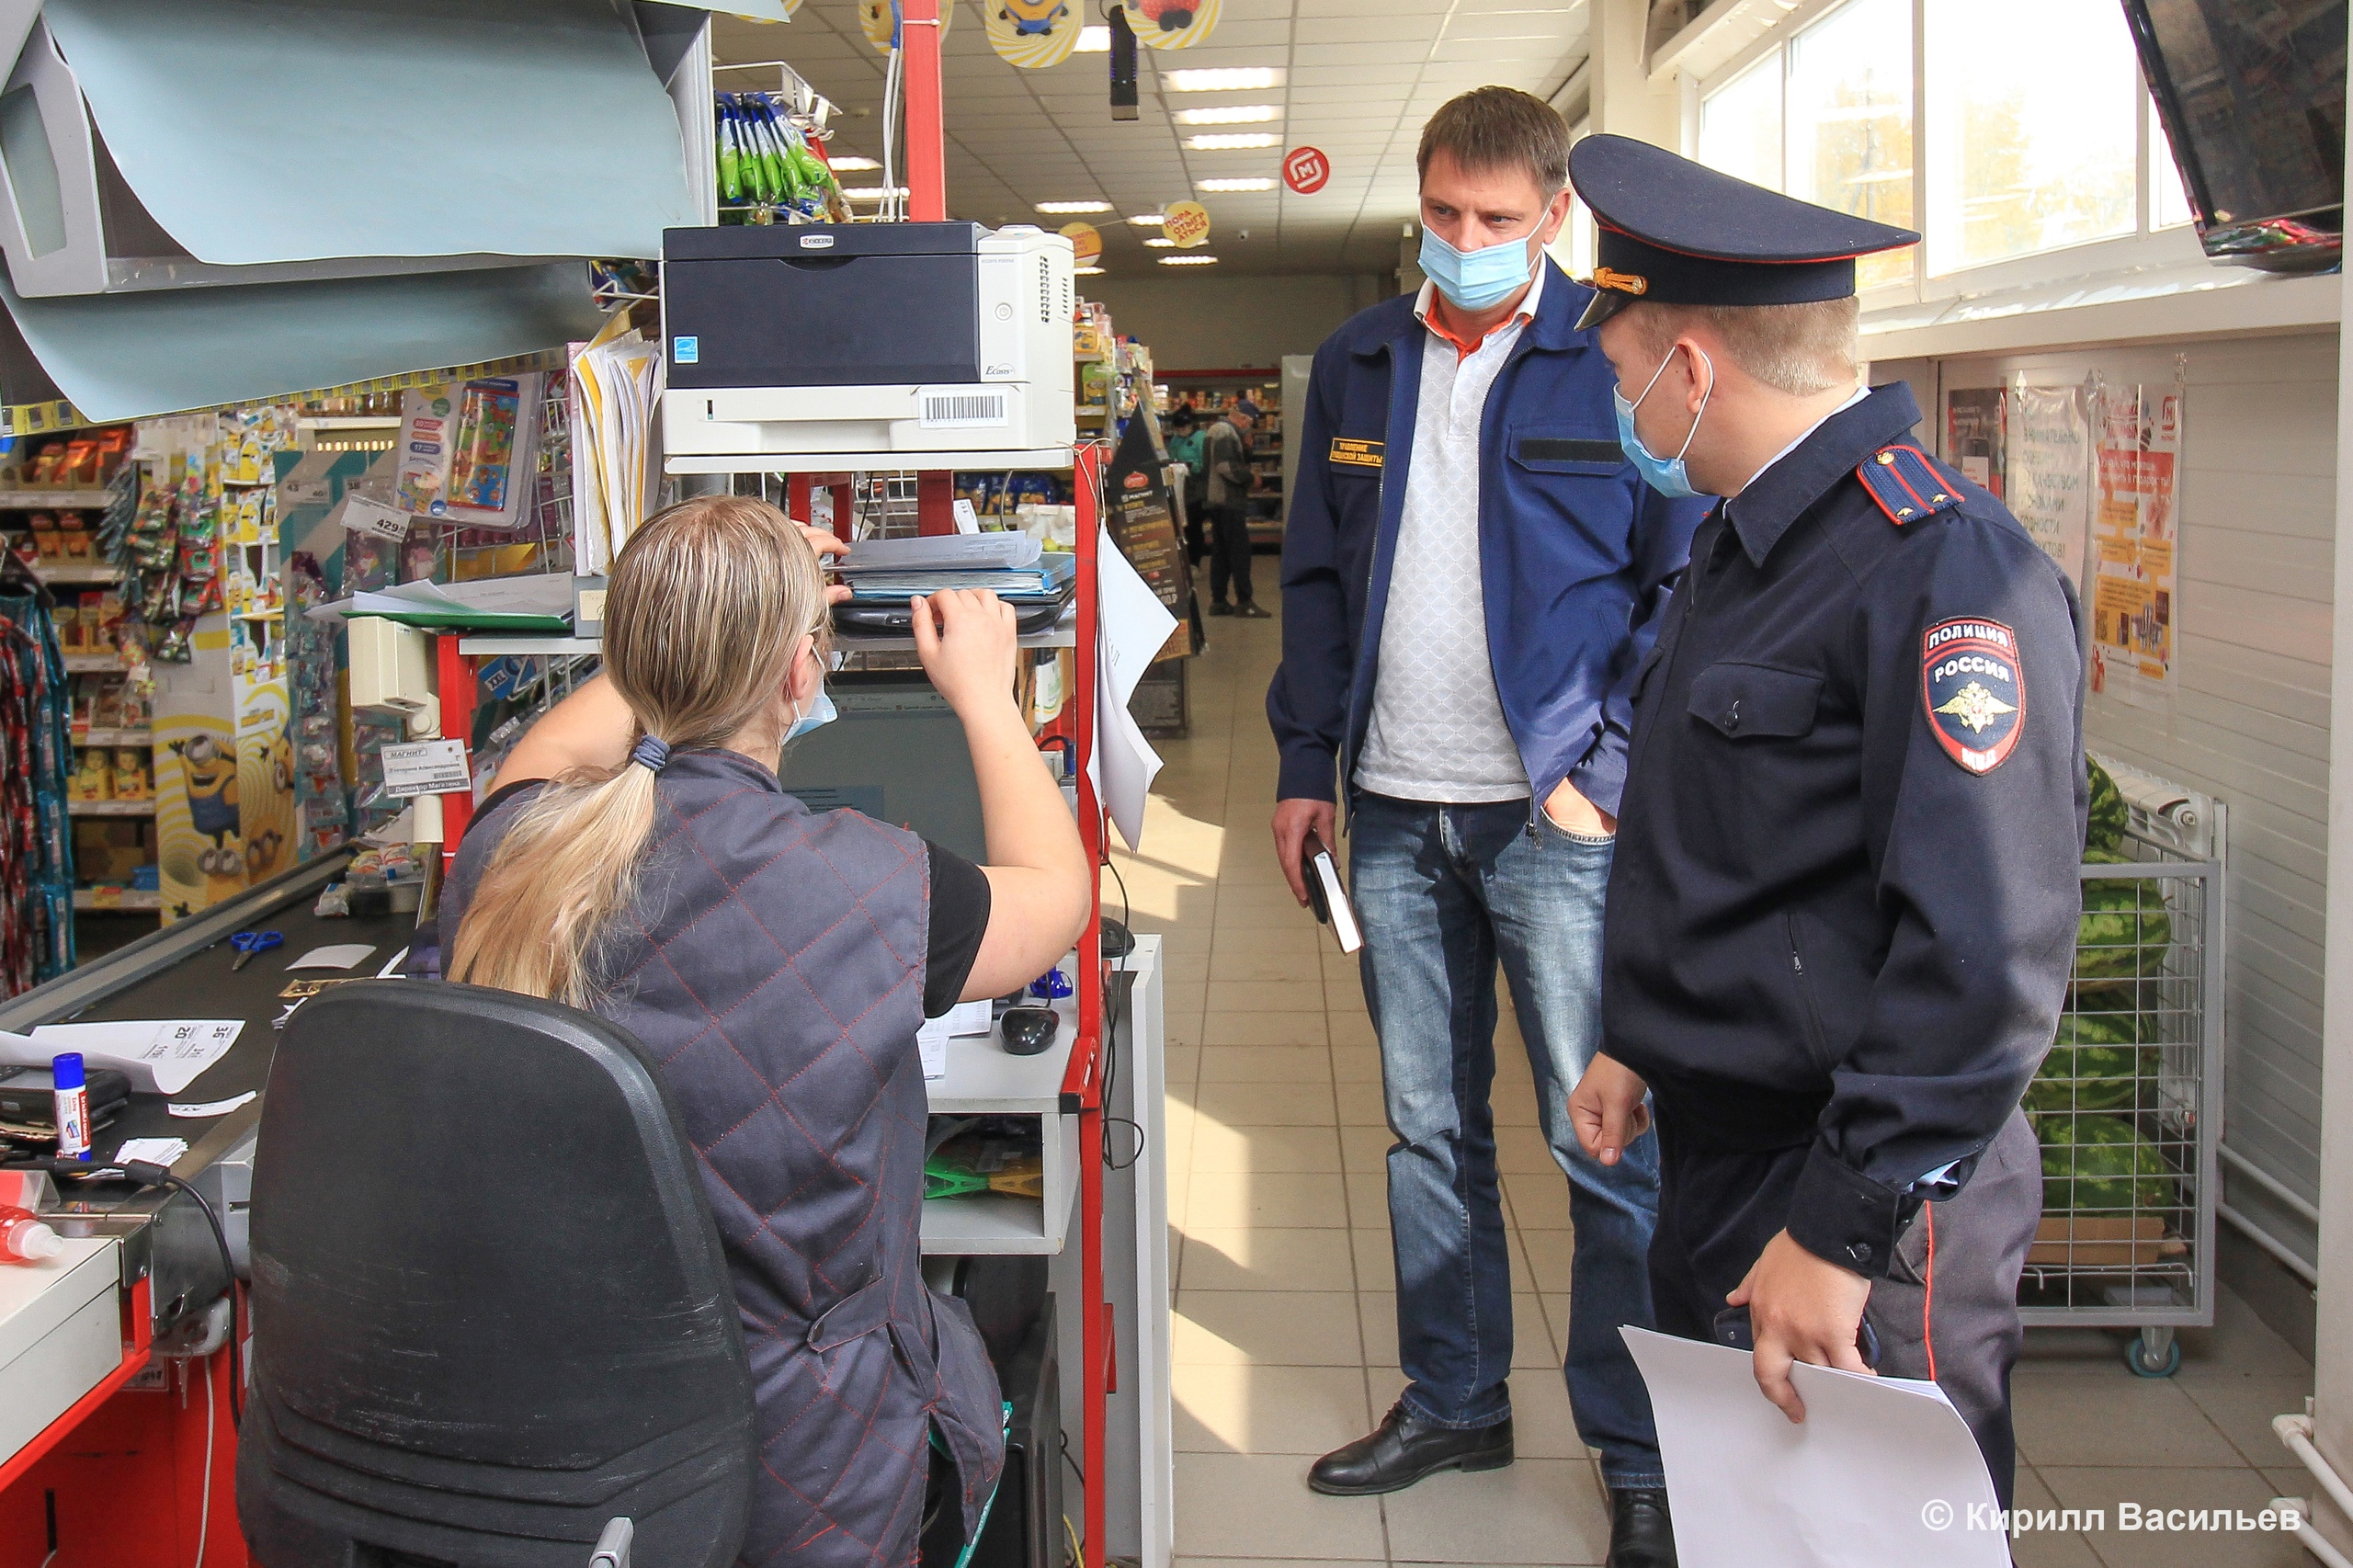 Коркинцев просят не забывать про маски в общественных местах. Нарушителей могут оштрафовать